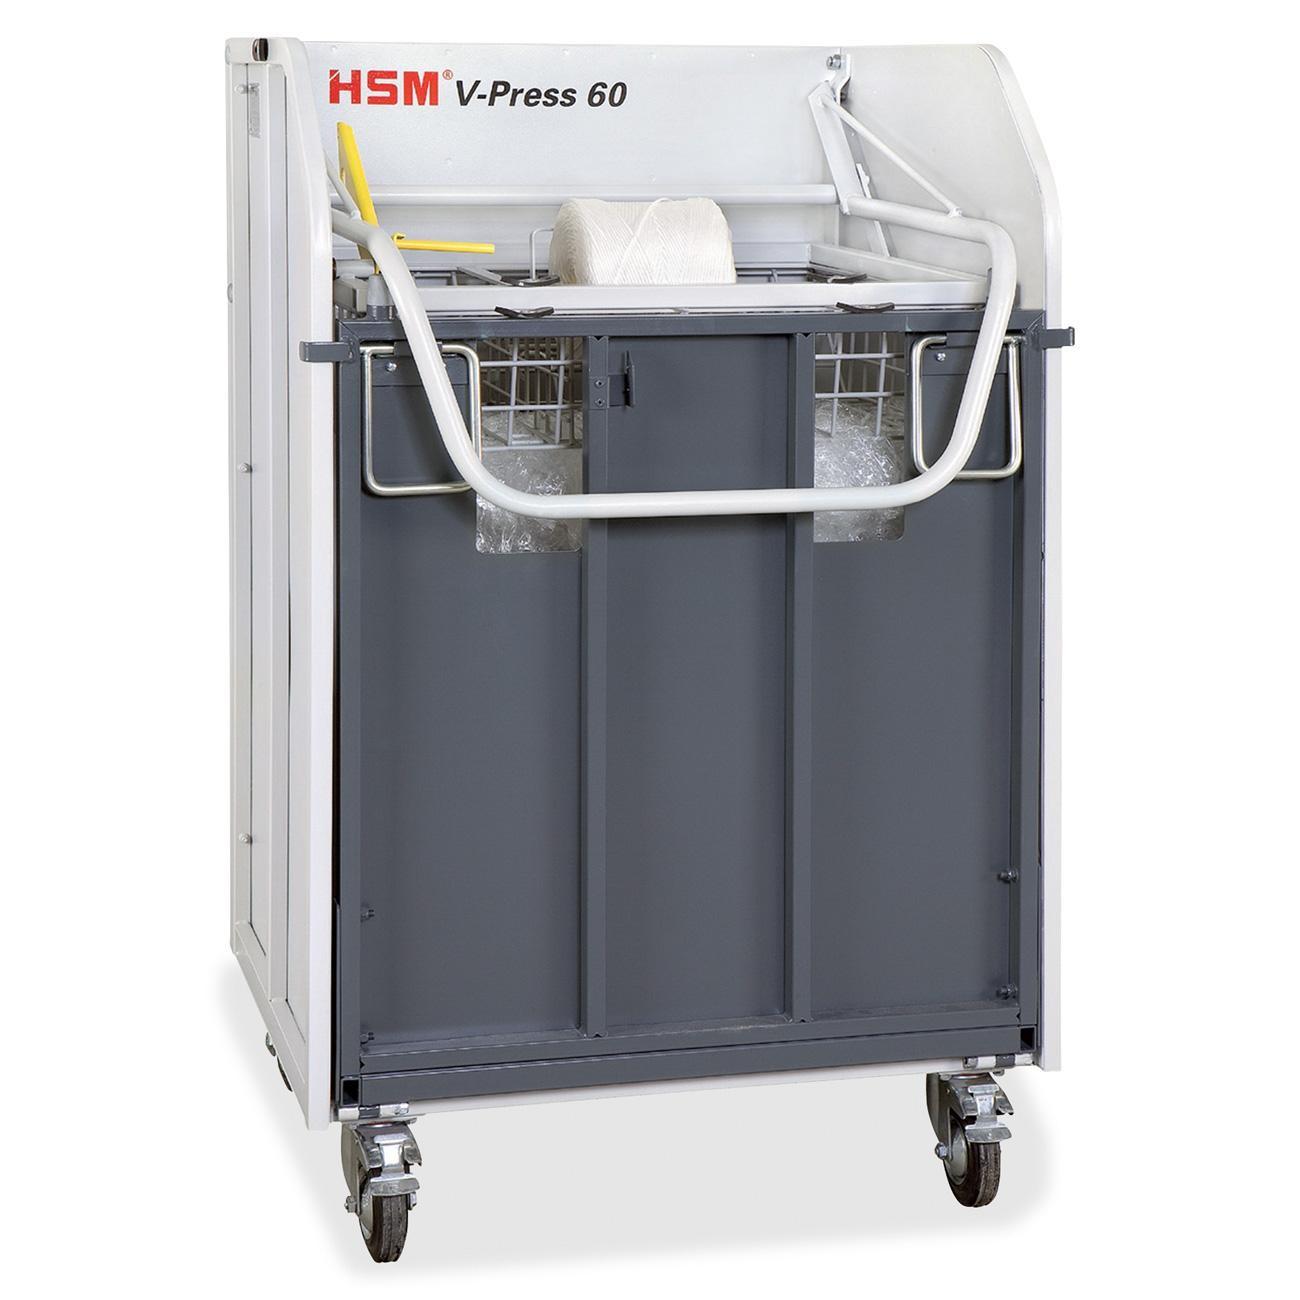 HSM6201 HSM V-Press 60 Plastic Film Baler